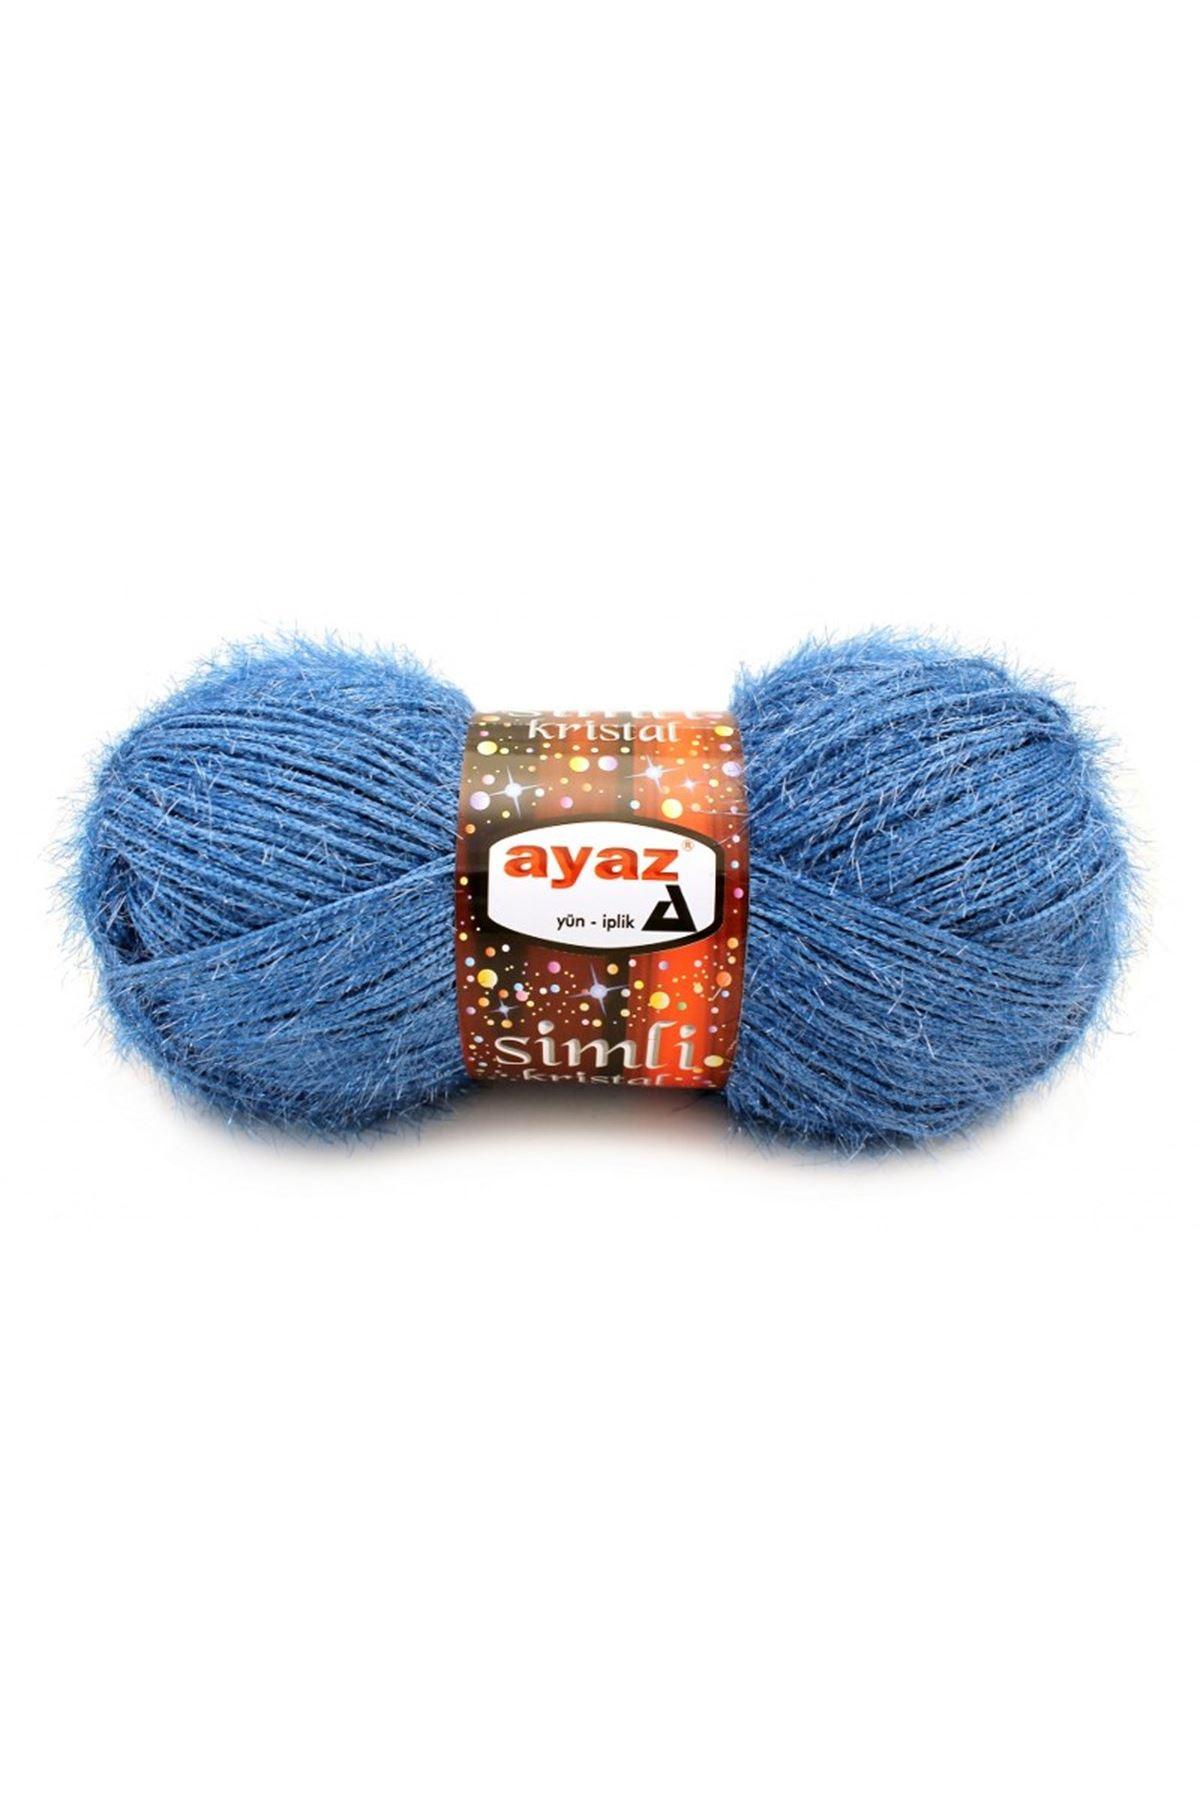 Ayaz Simli Kristal 2256 - Koyu Mavi